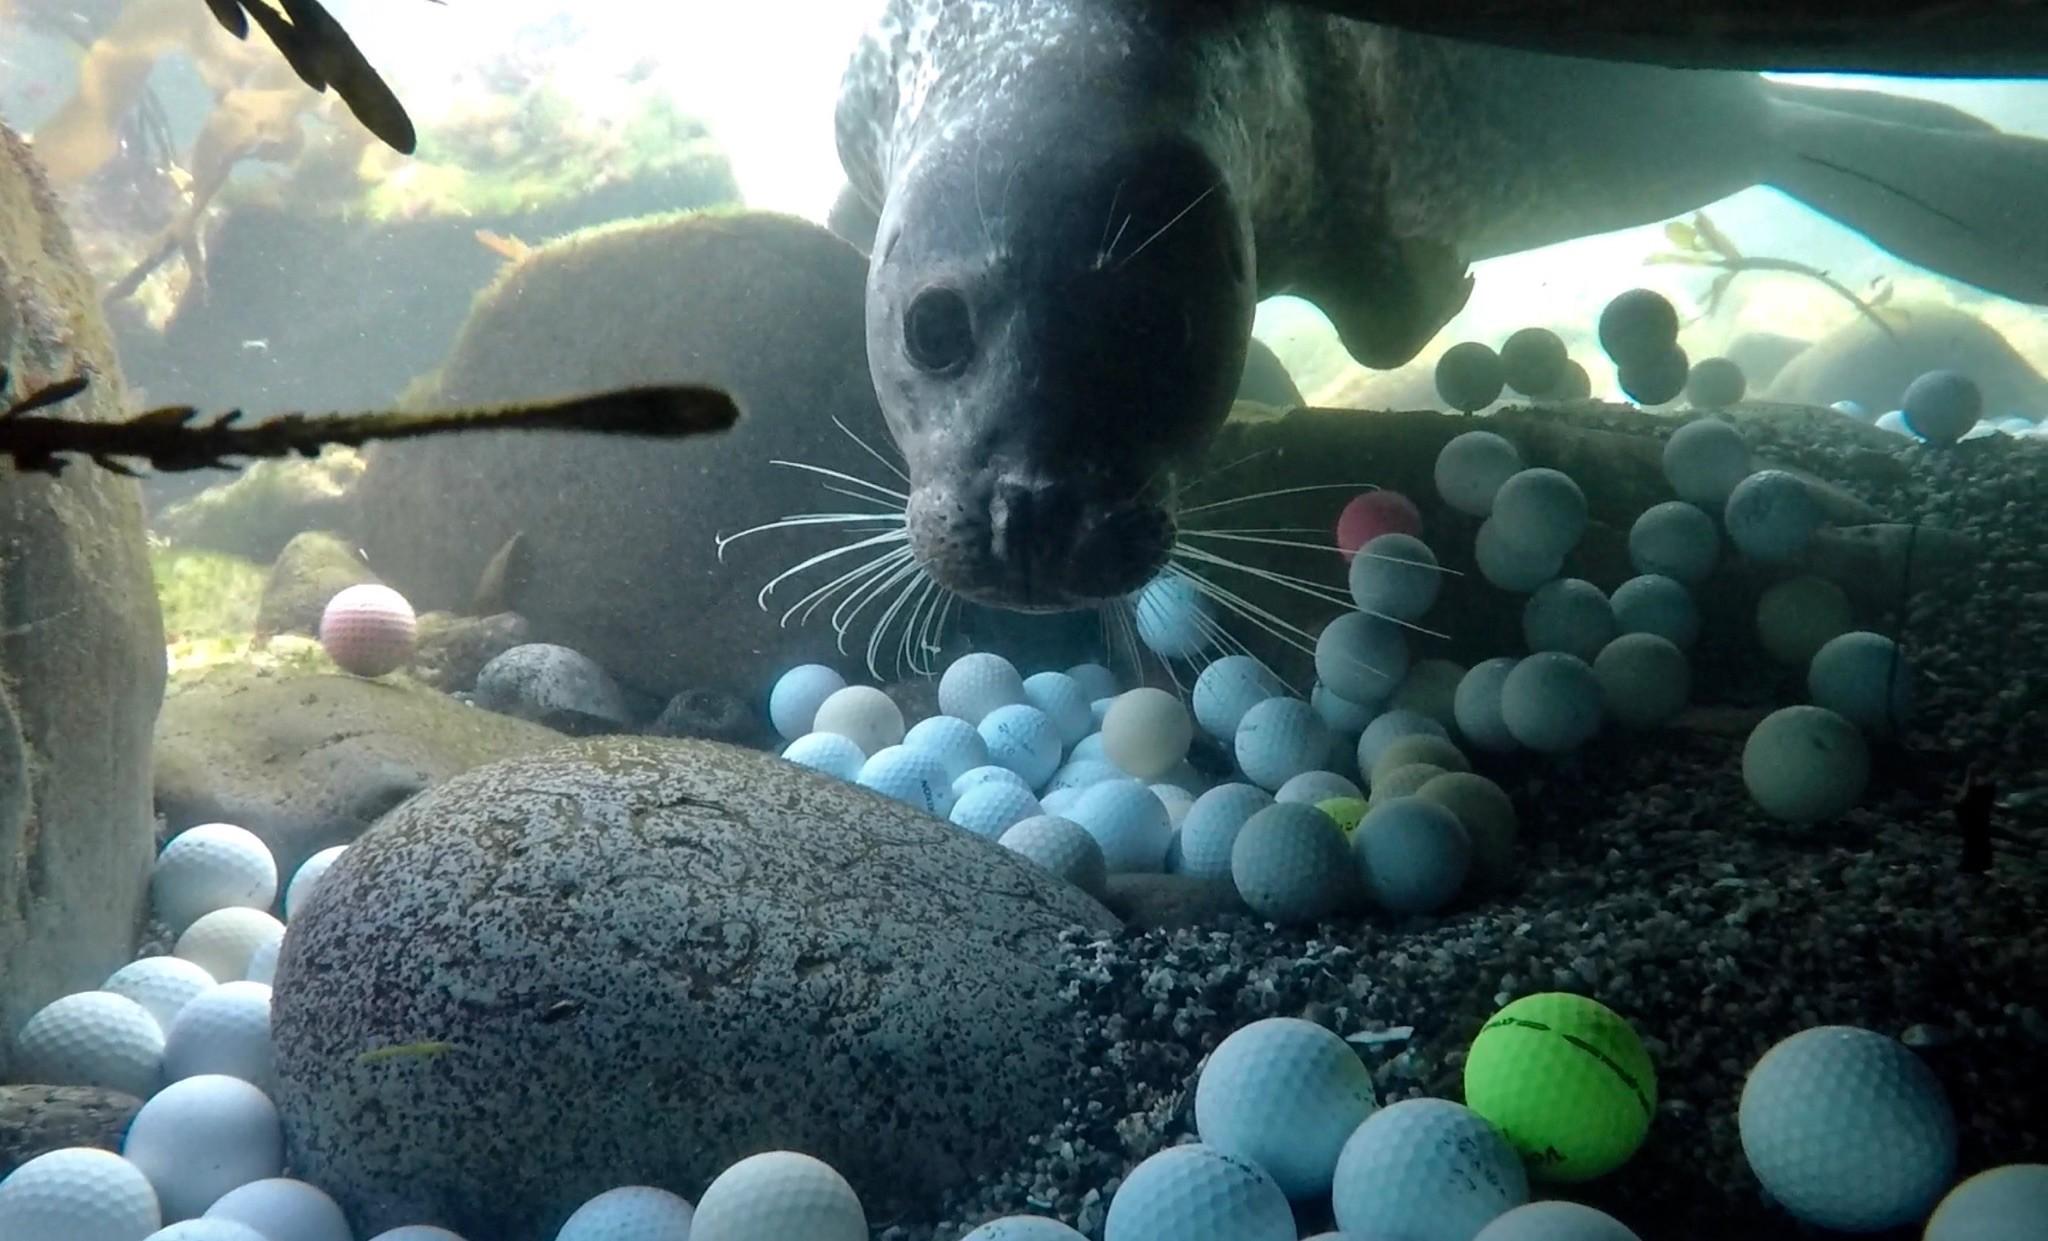 Морское дно взаливе Кармел заполнено мячами для гольфа.